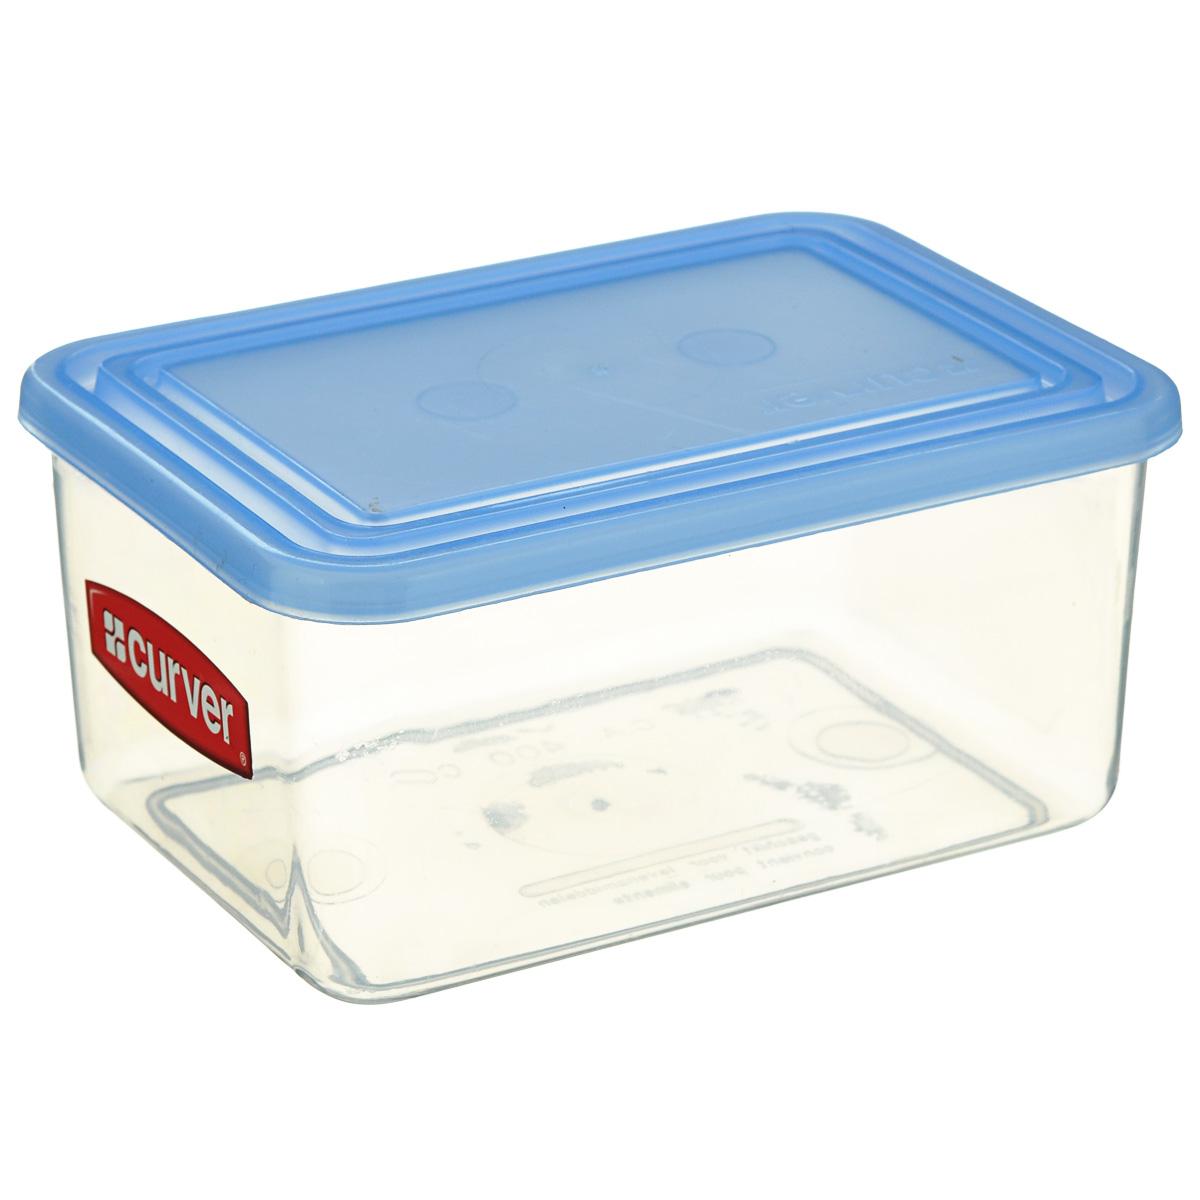 Емкость для заморозки и СВЧ Curver, цвет: голубой, 4 л емкость для заморозки и свч curver fresh